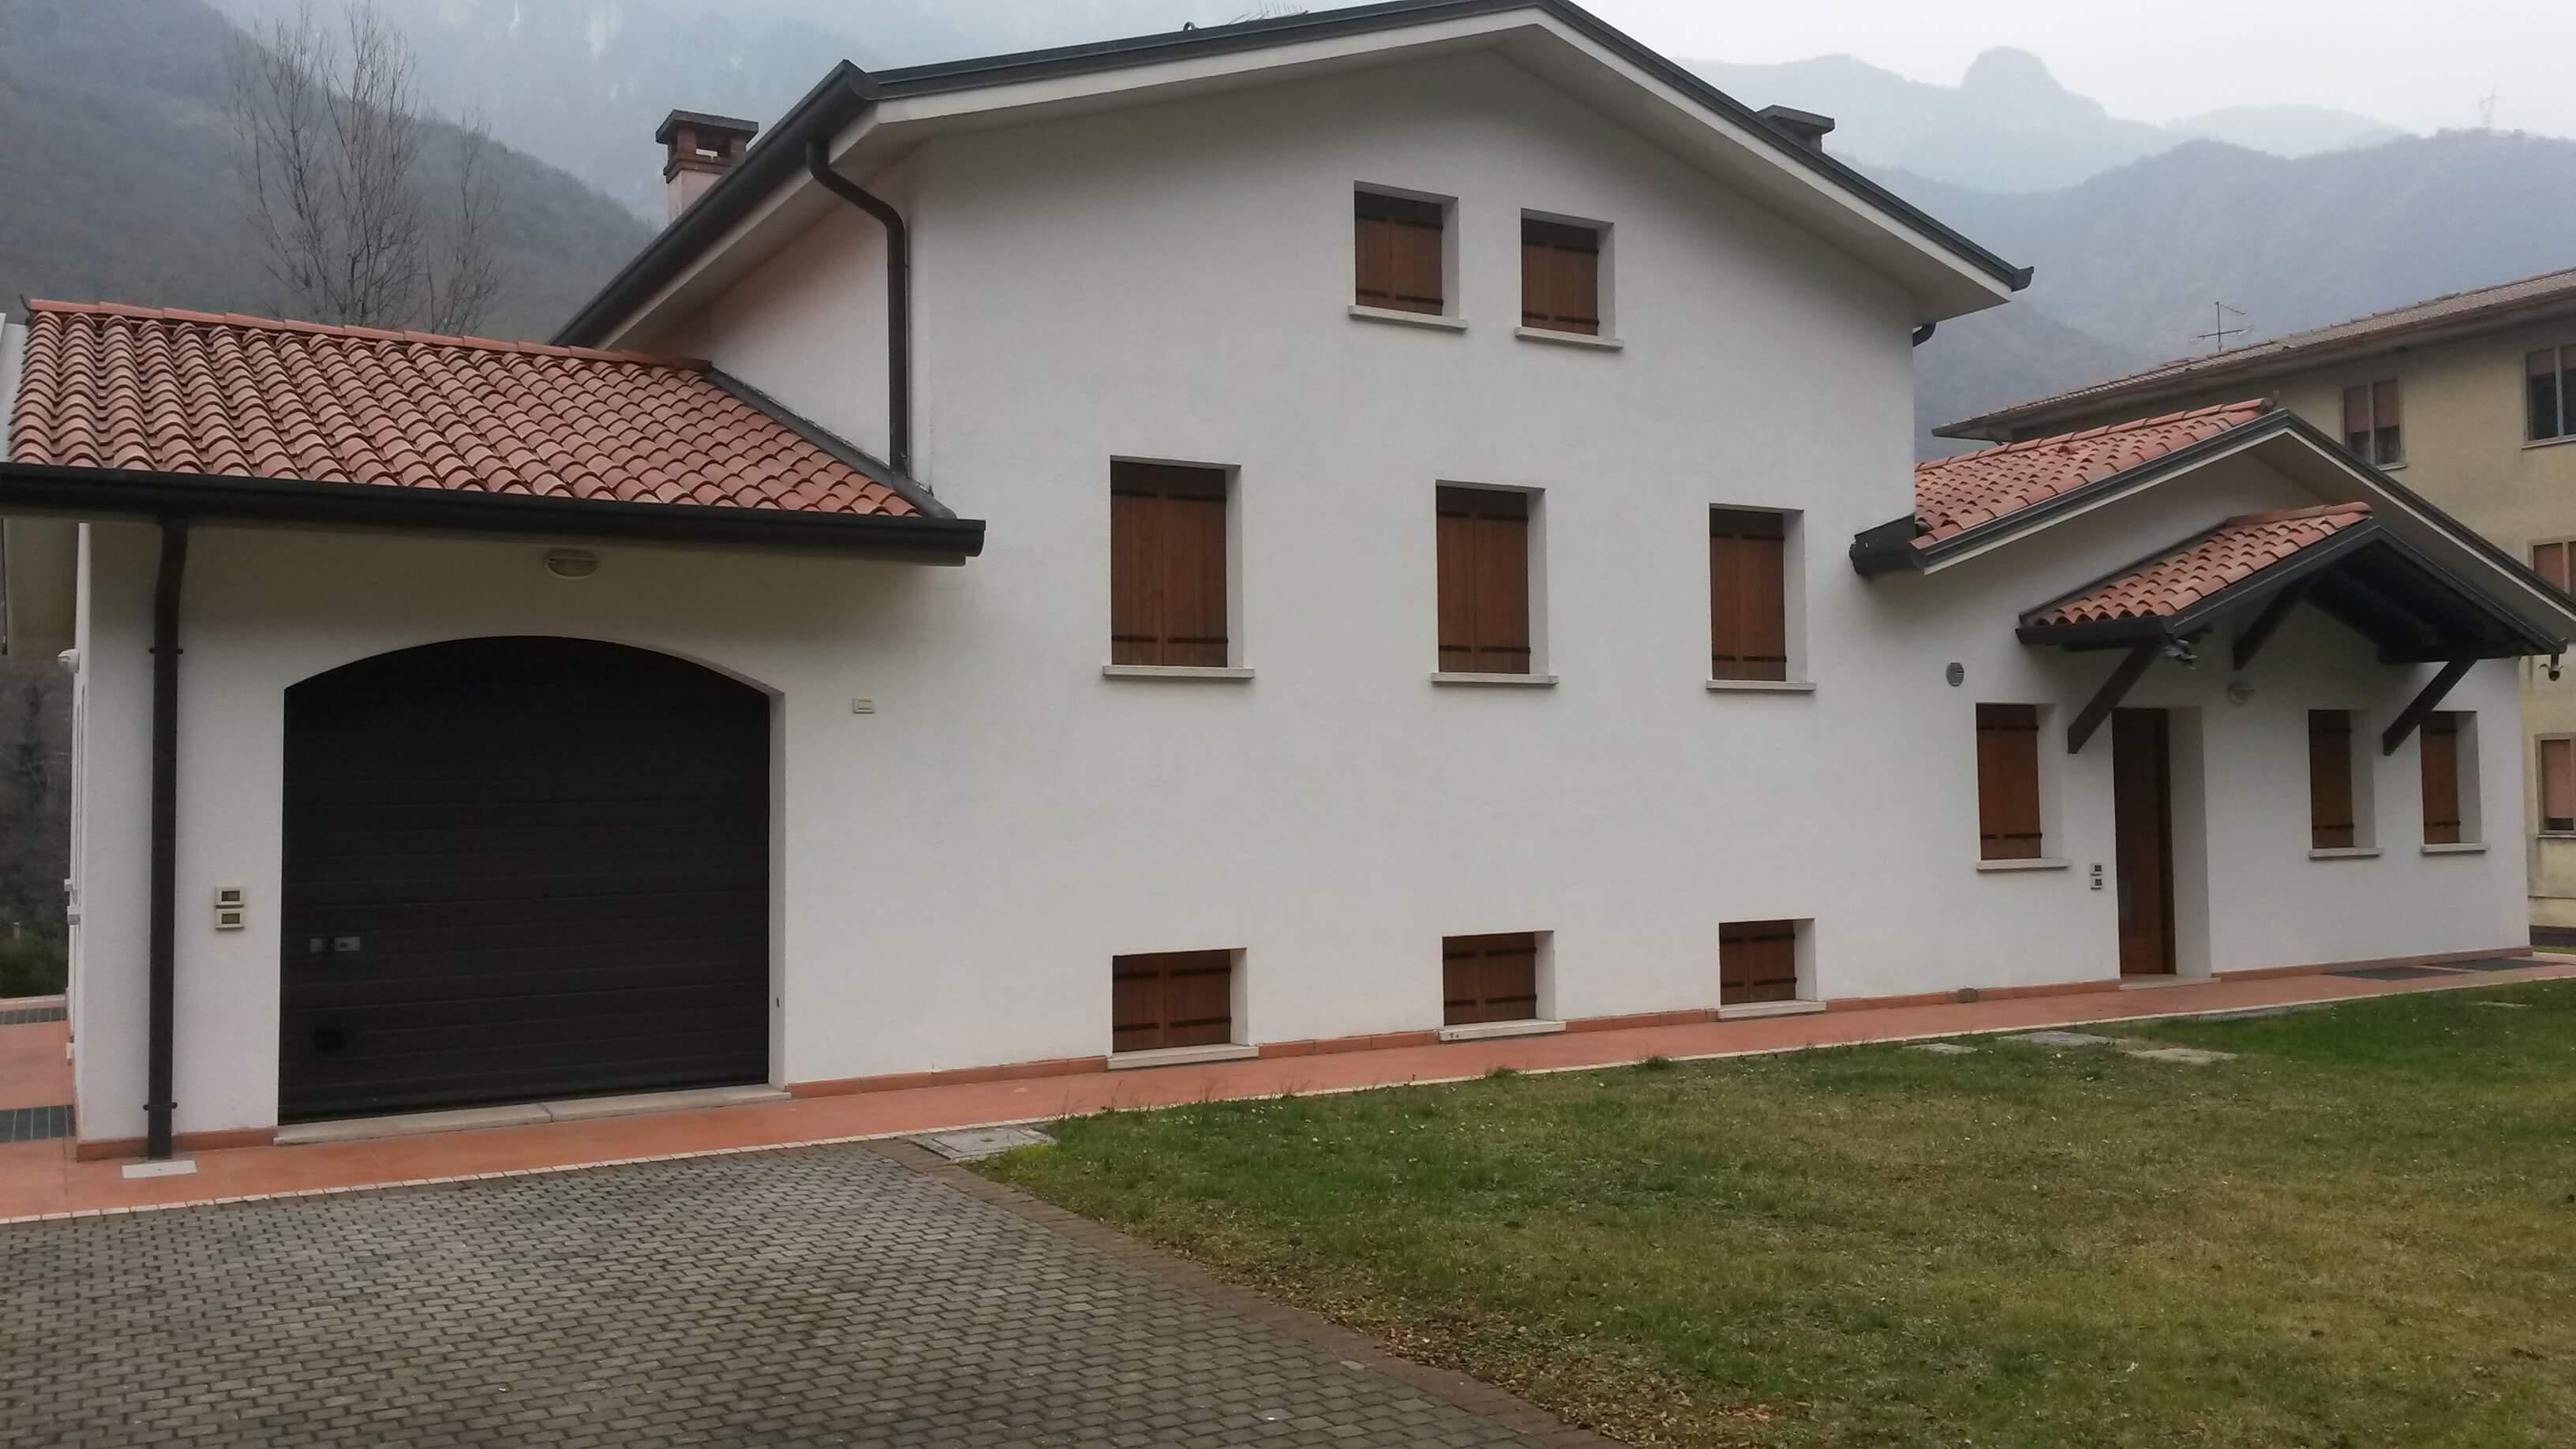 Campolongo s b villetta singola ampie dimensioni a erre - Dimensioni garage doppio ...